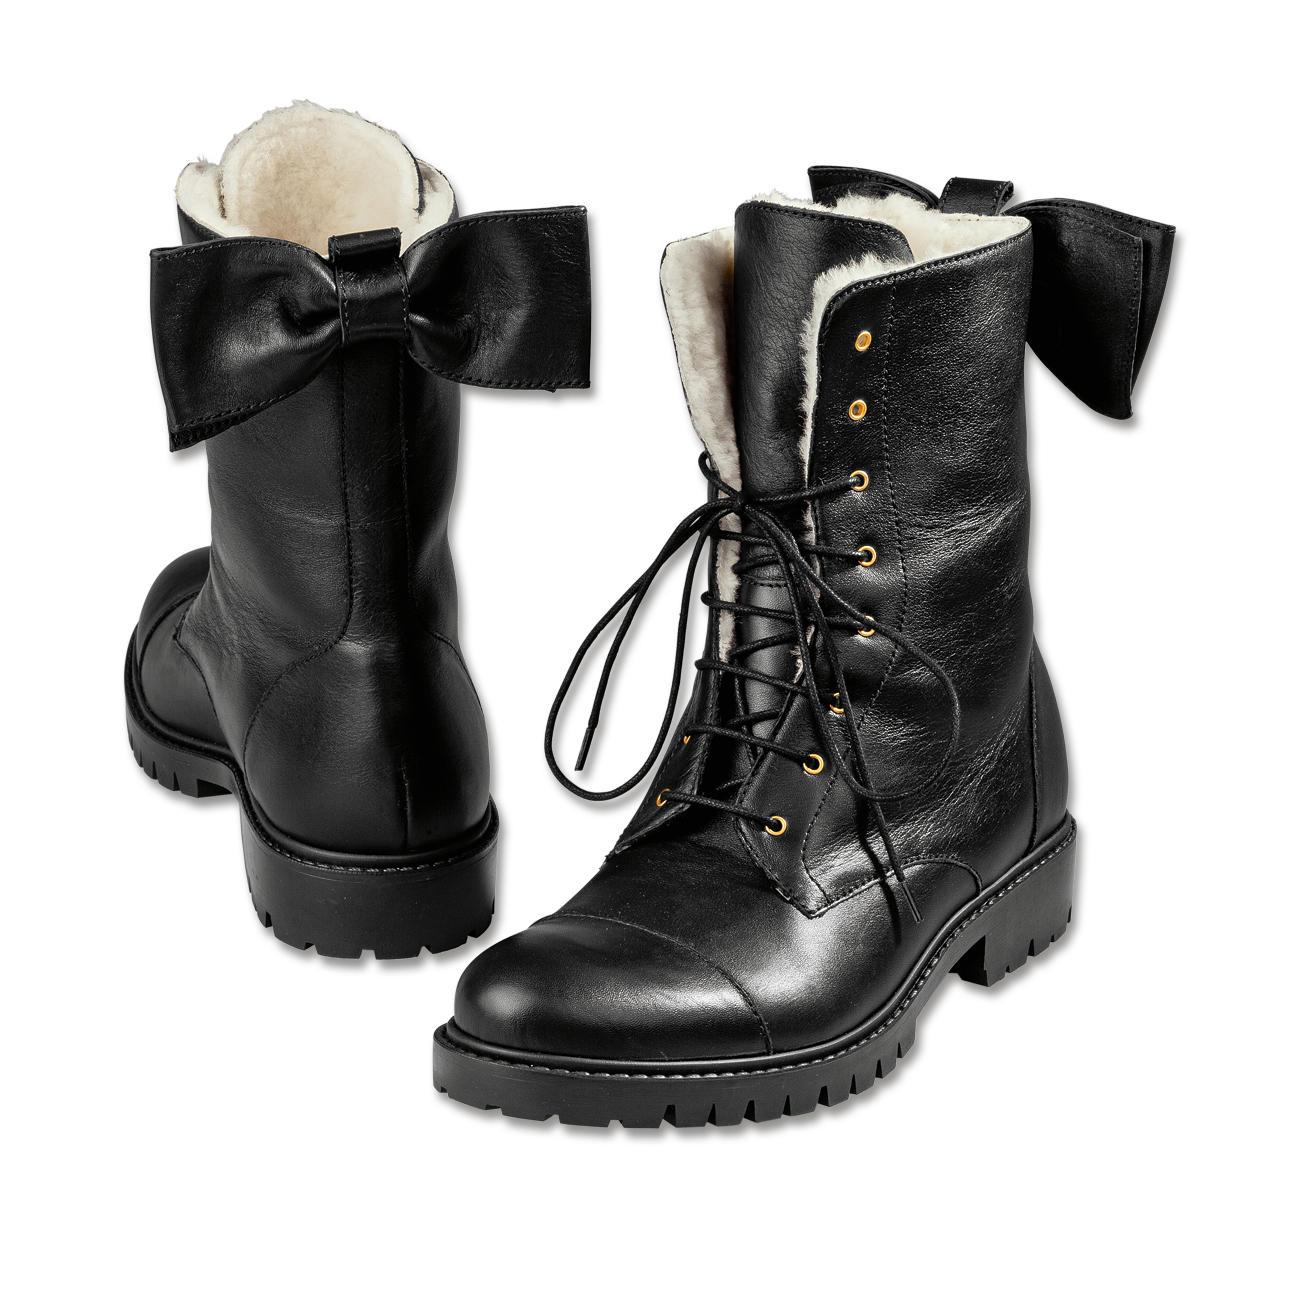 ugg boots wintertauglich